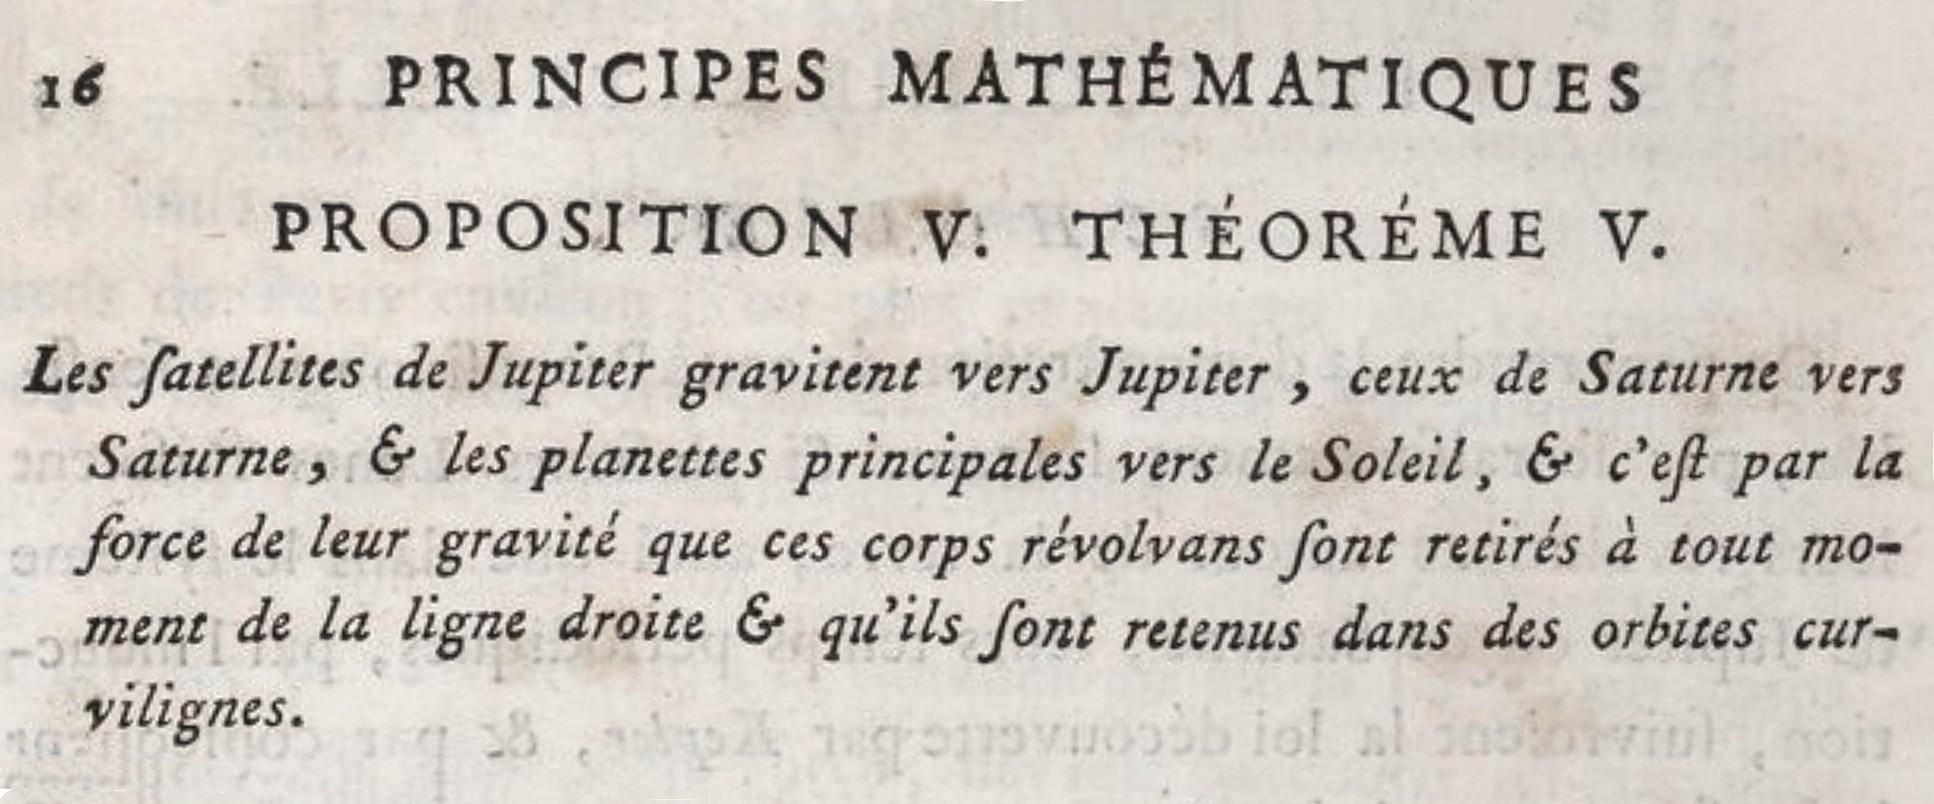 Extrait de Principes mathématiques de la philosophie naturelle